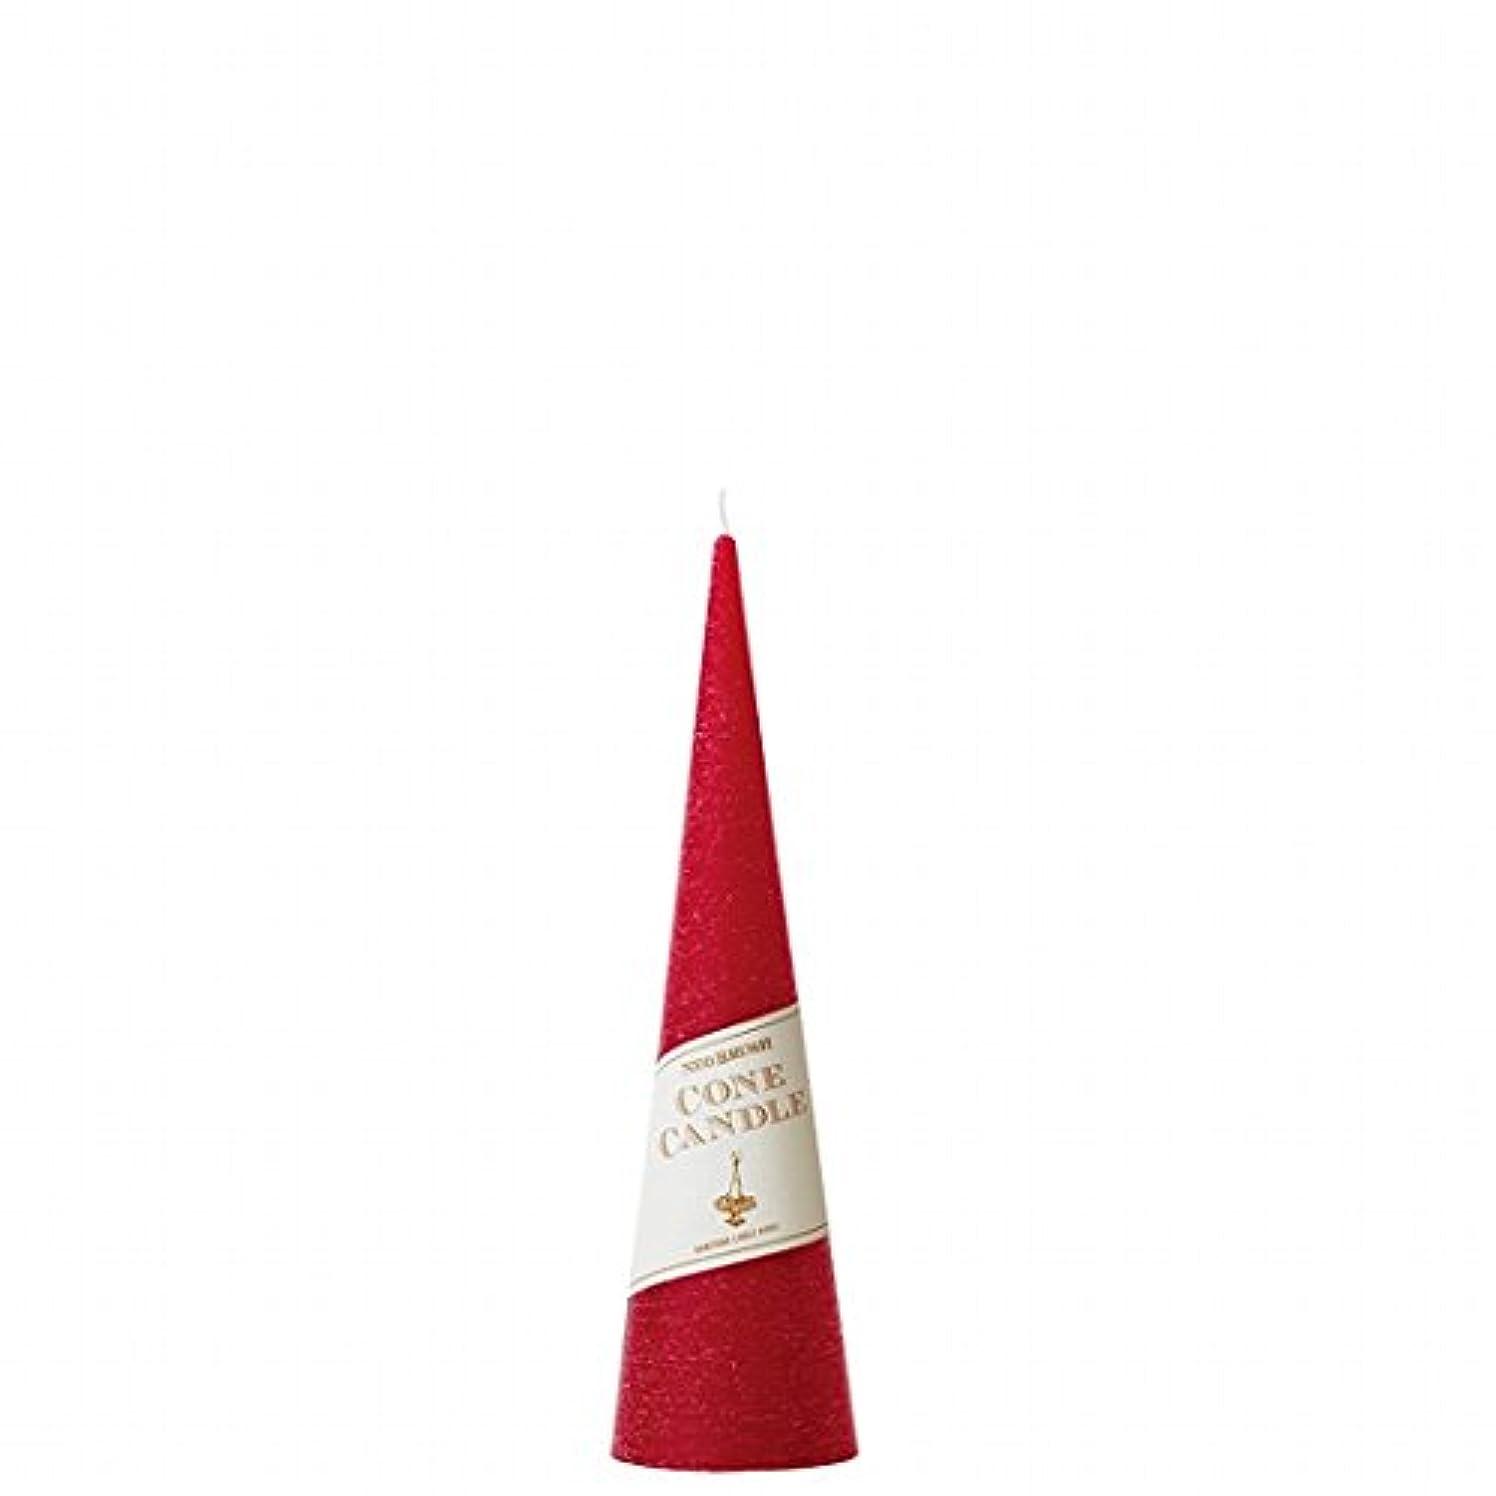 焦がす解釈的バックグラウンドkameyama candle(カメヤマキャンドル) ネオブラッシュコーン 180 キャンドル 「 レッド 」(A9750010R)